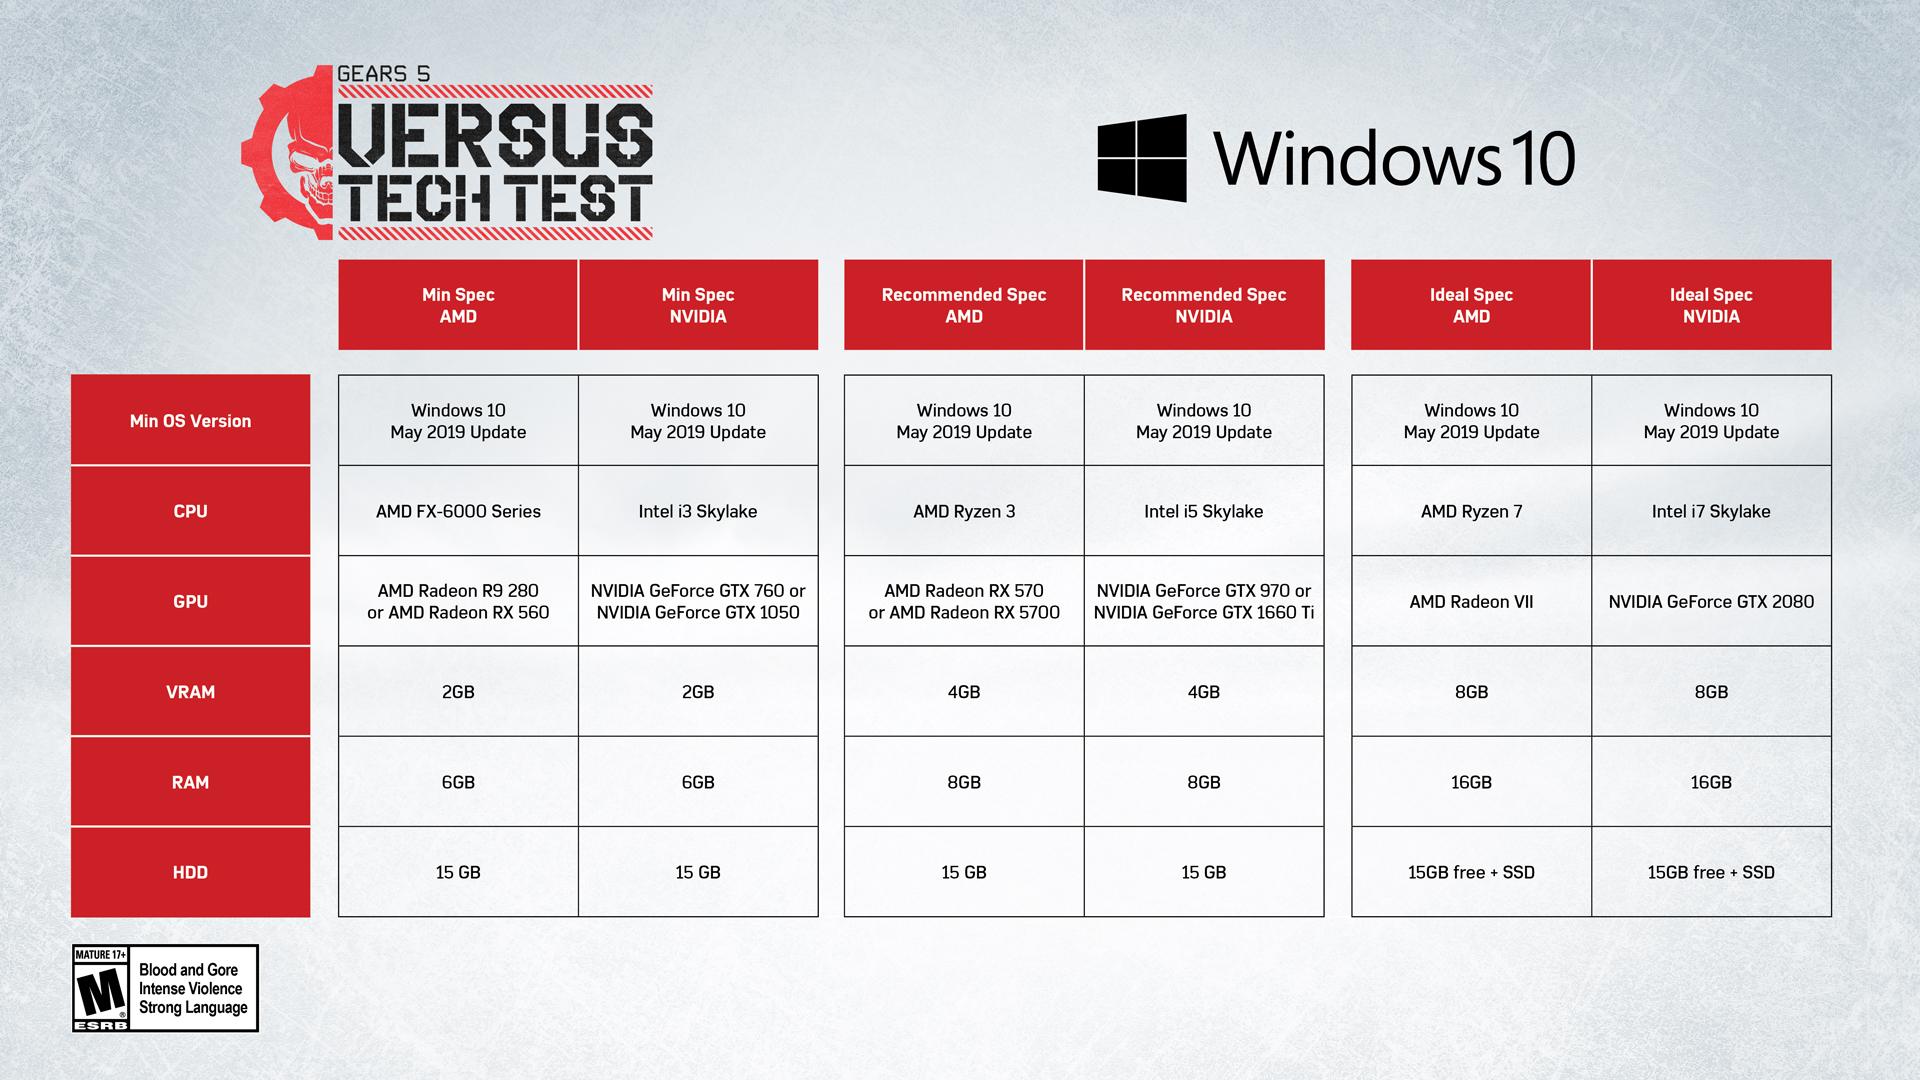 140746-352795_QS1PUx766J_gears5_techtest